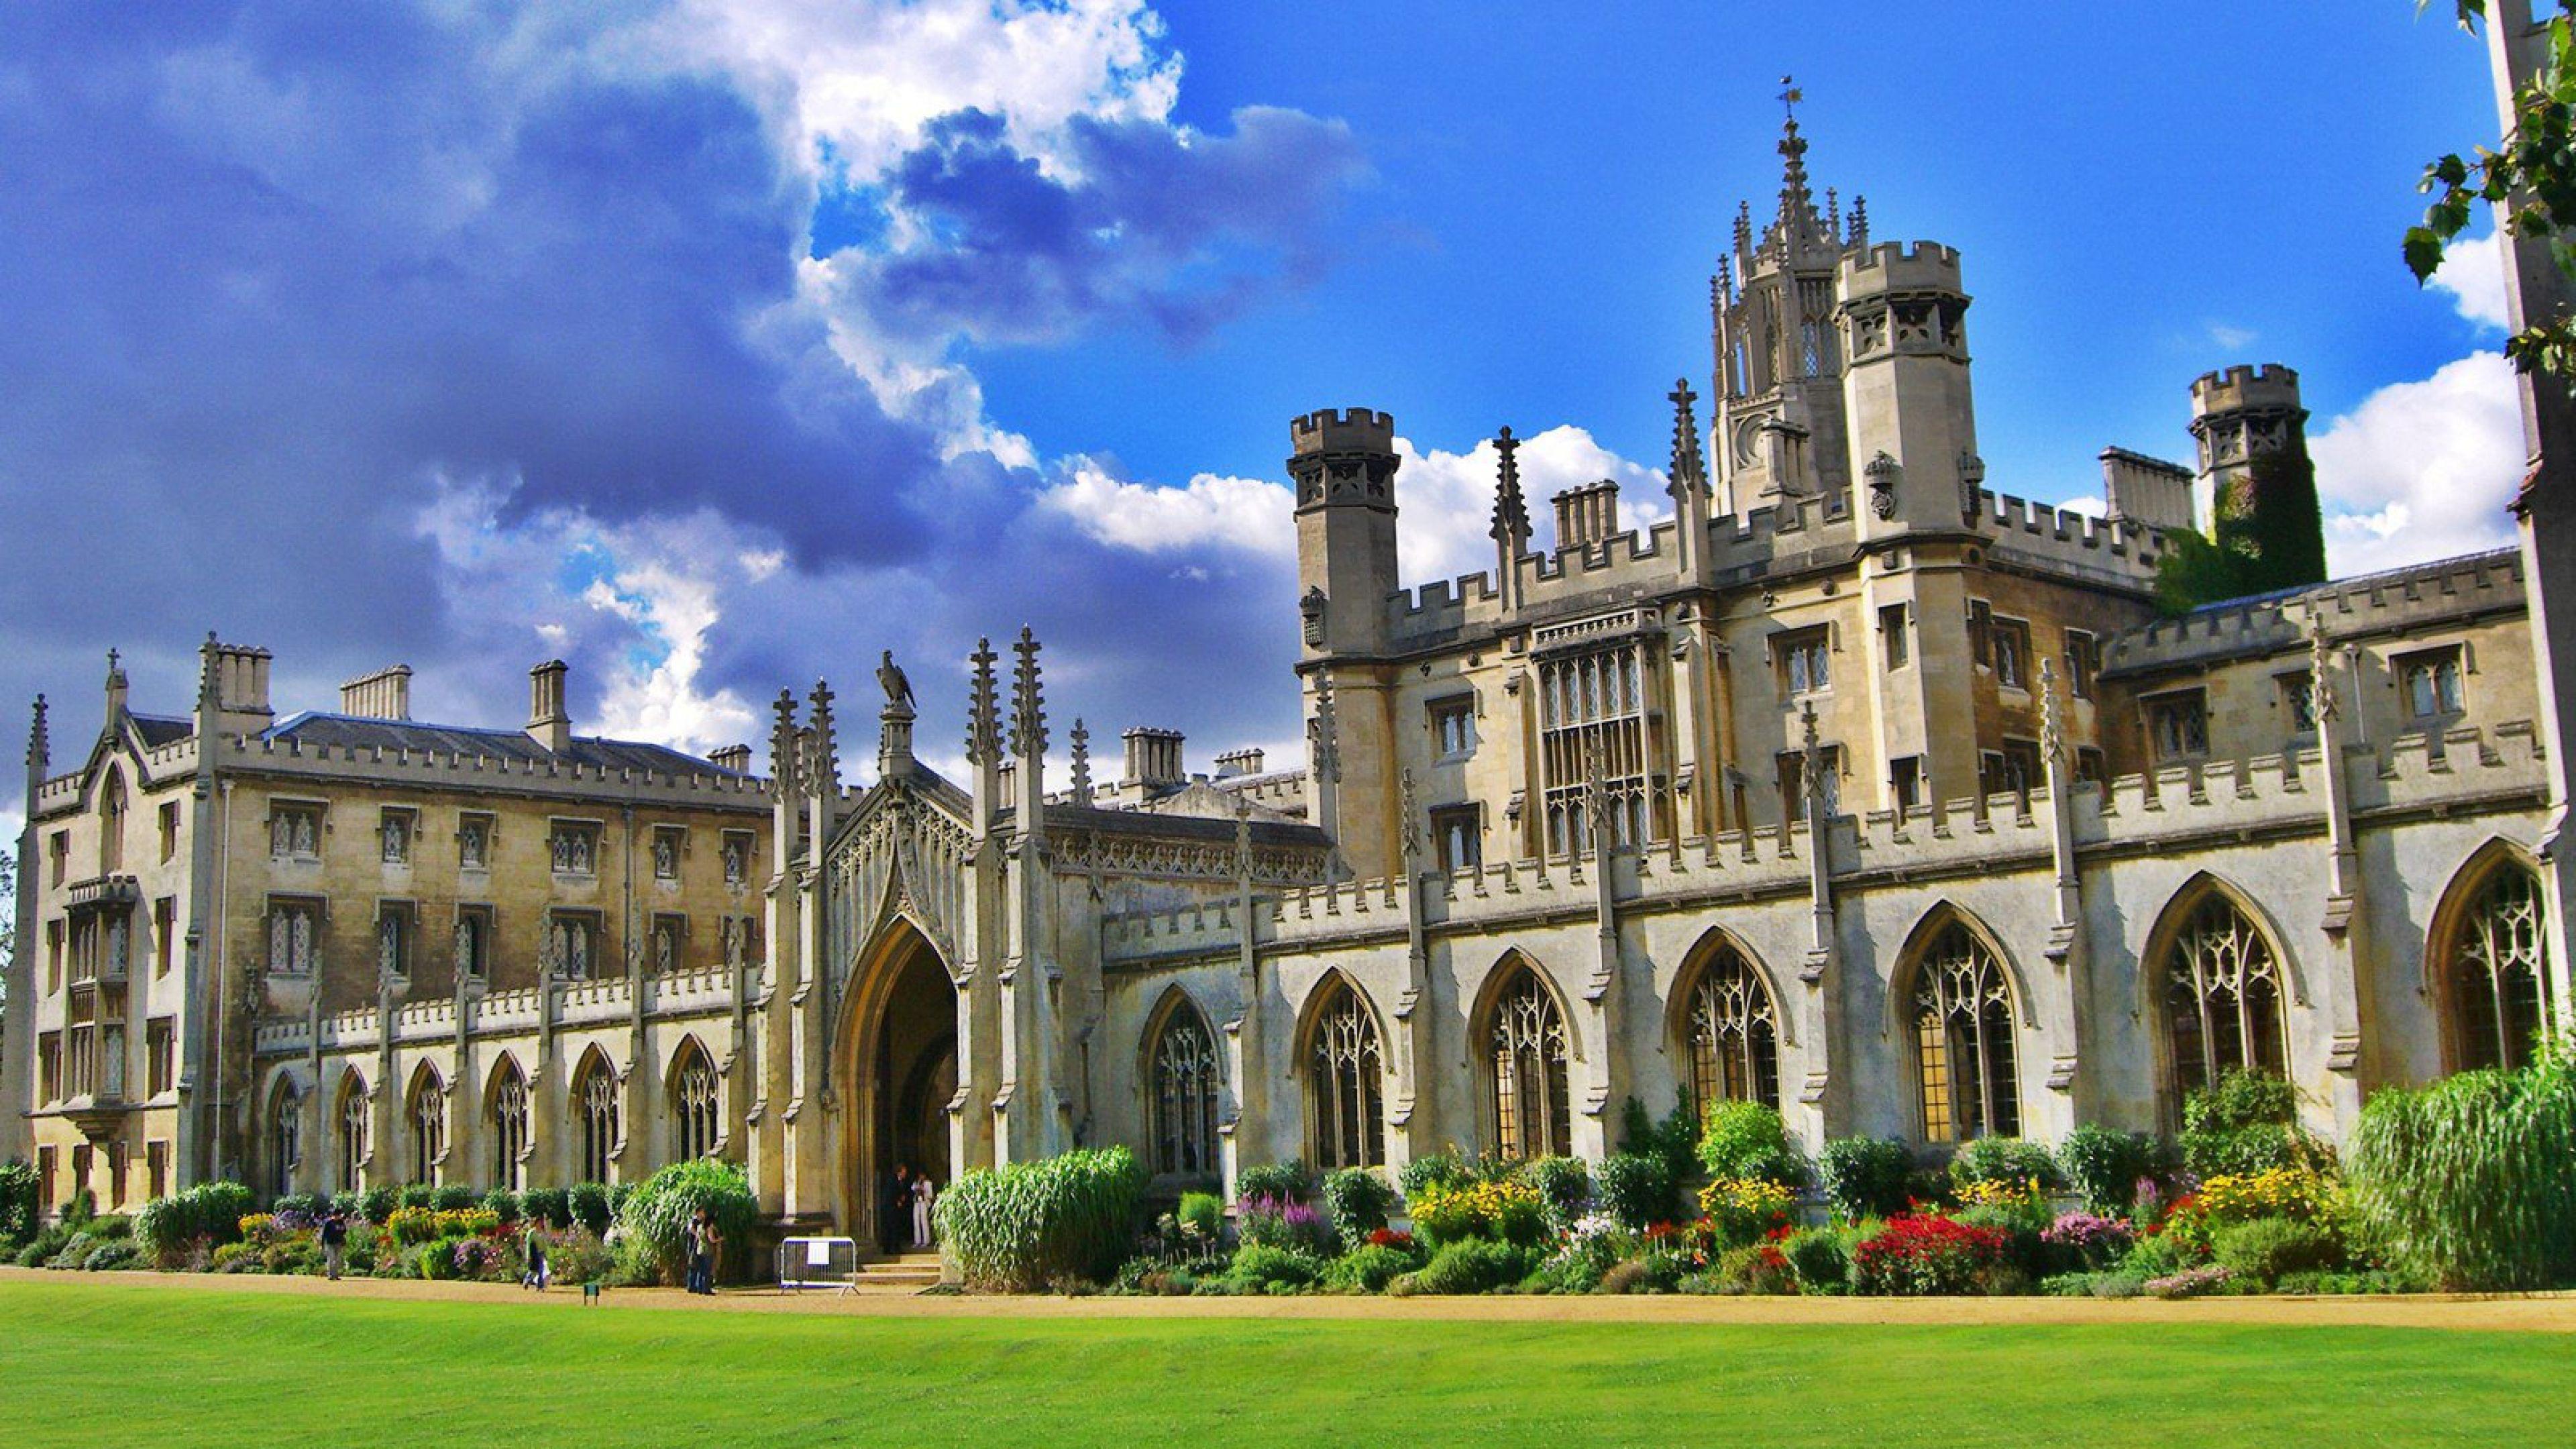 THE 'Table of Tables' 2021 - University of Cambridge raih peringkat pertama